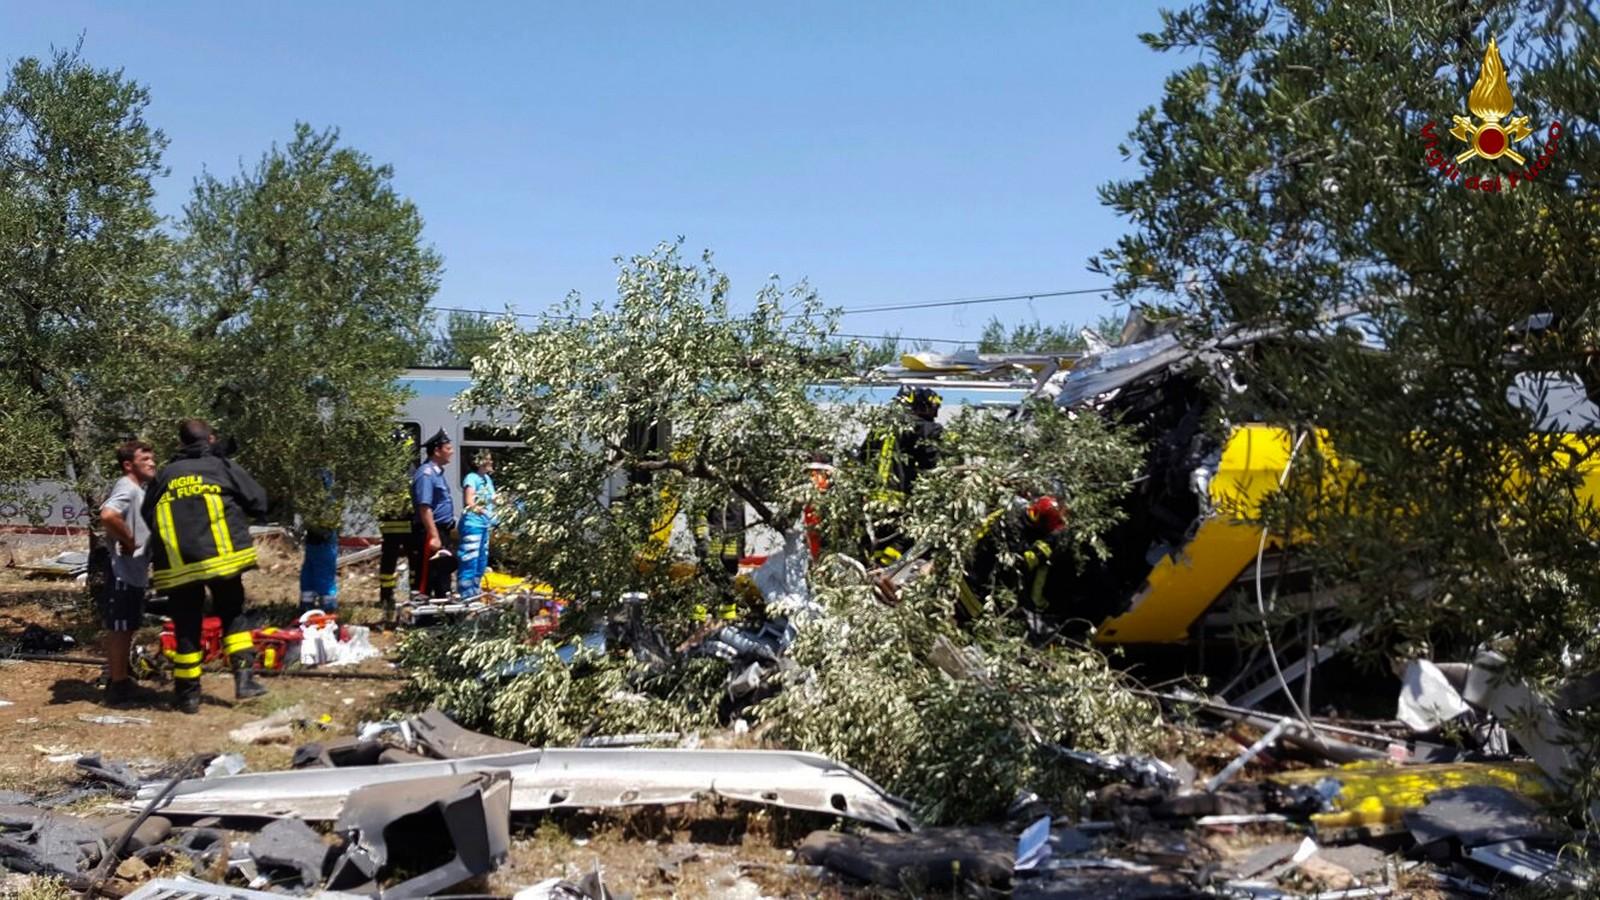 Redningsarbeid pågår etter togulykke ved Bari i Sør-Italia